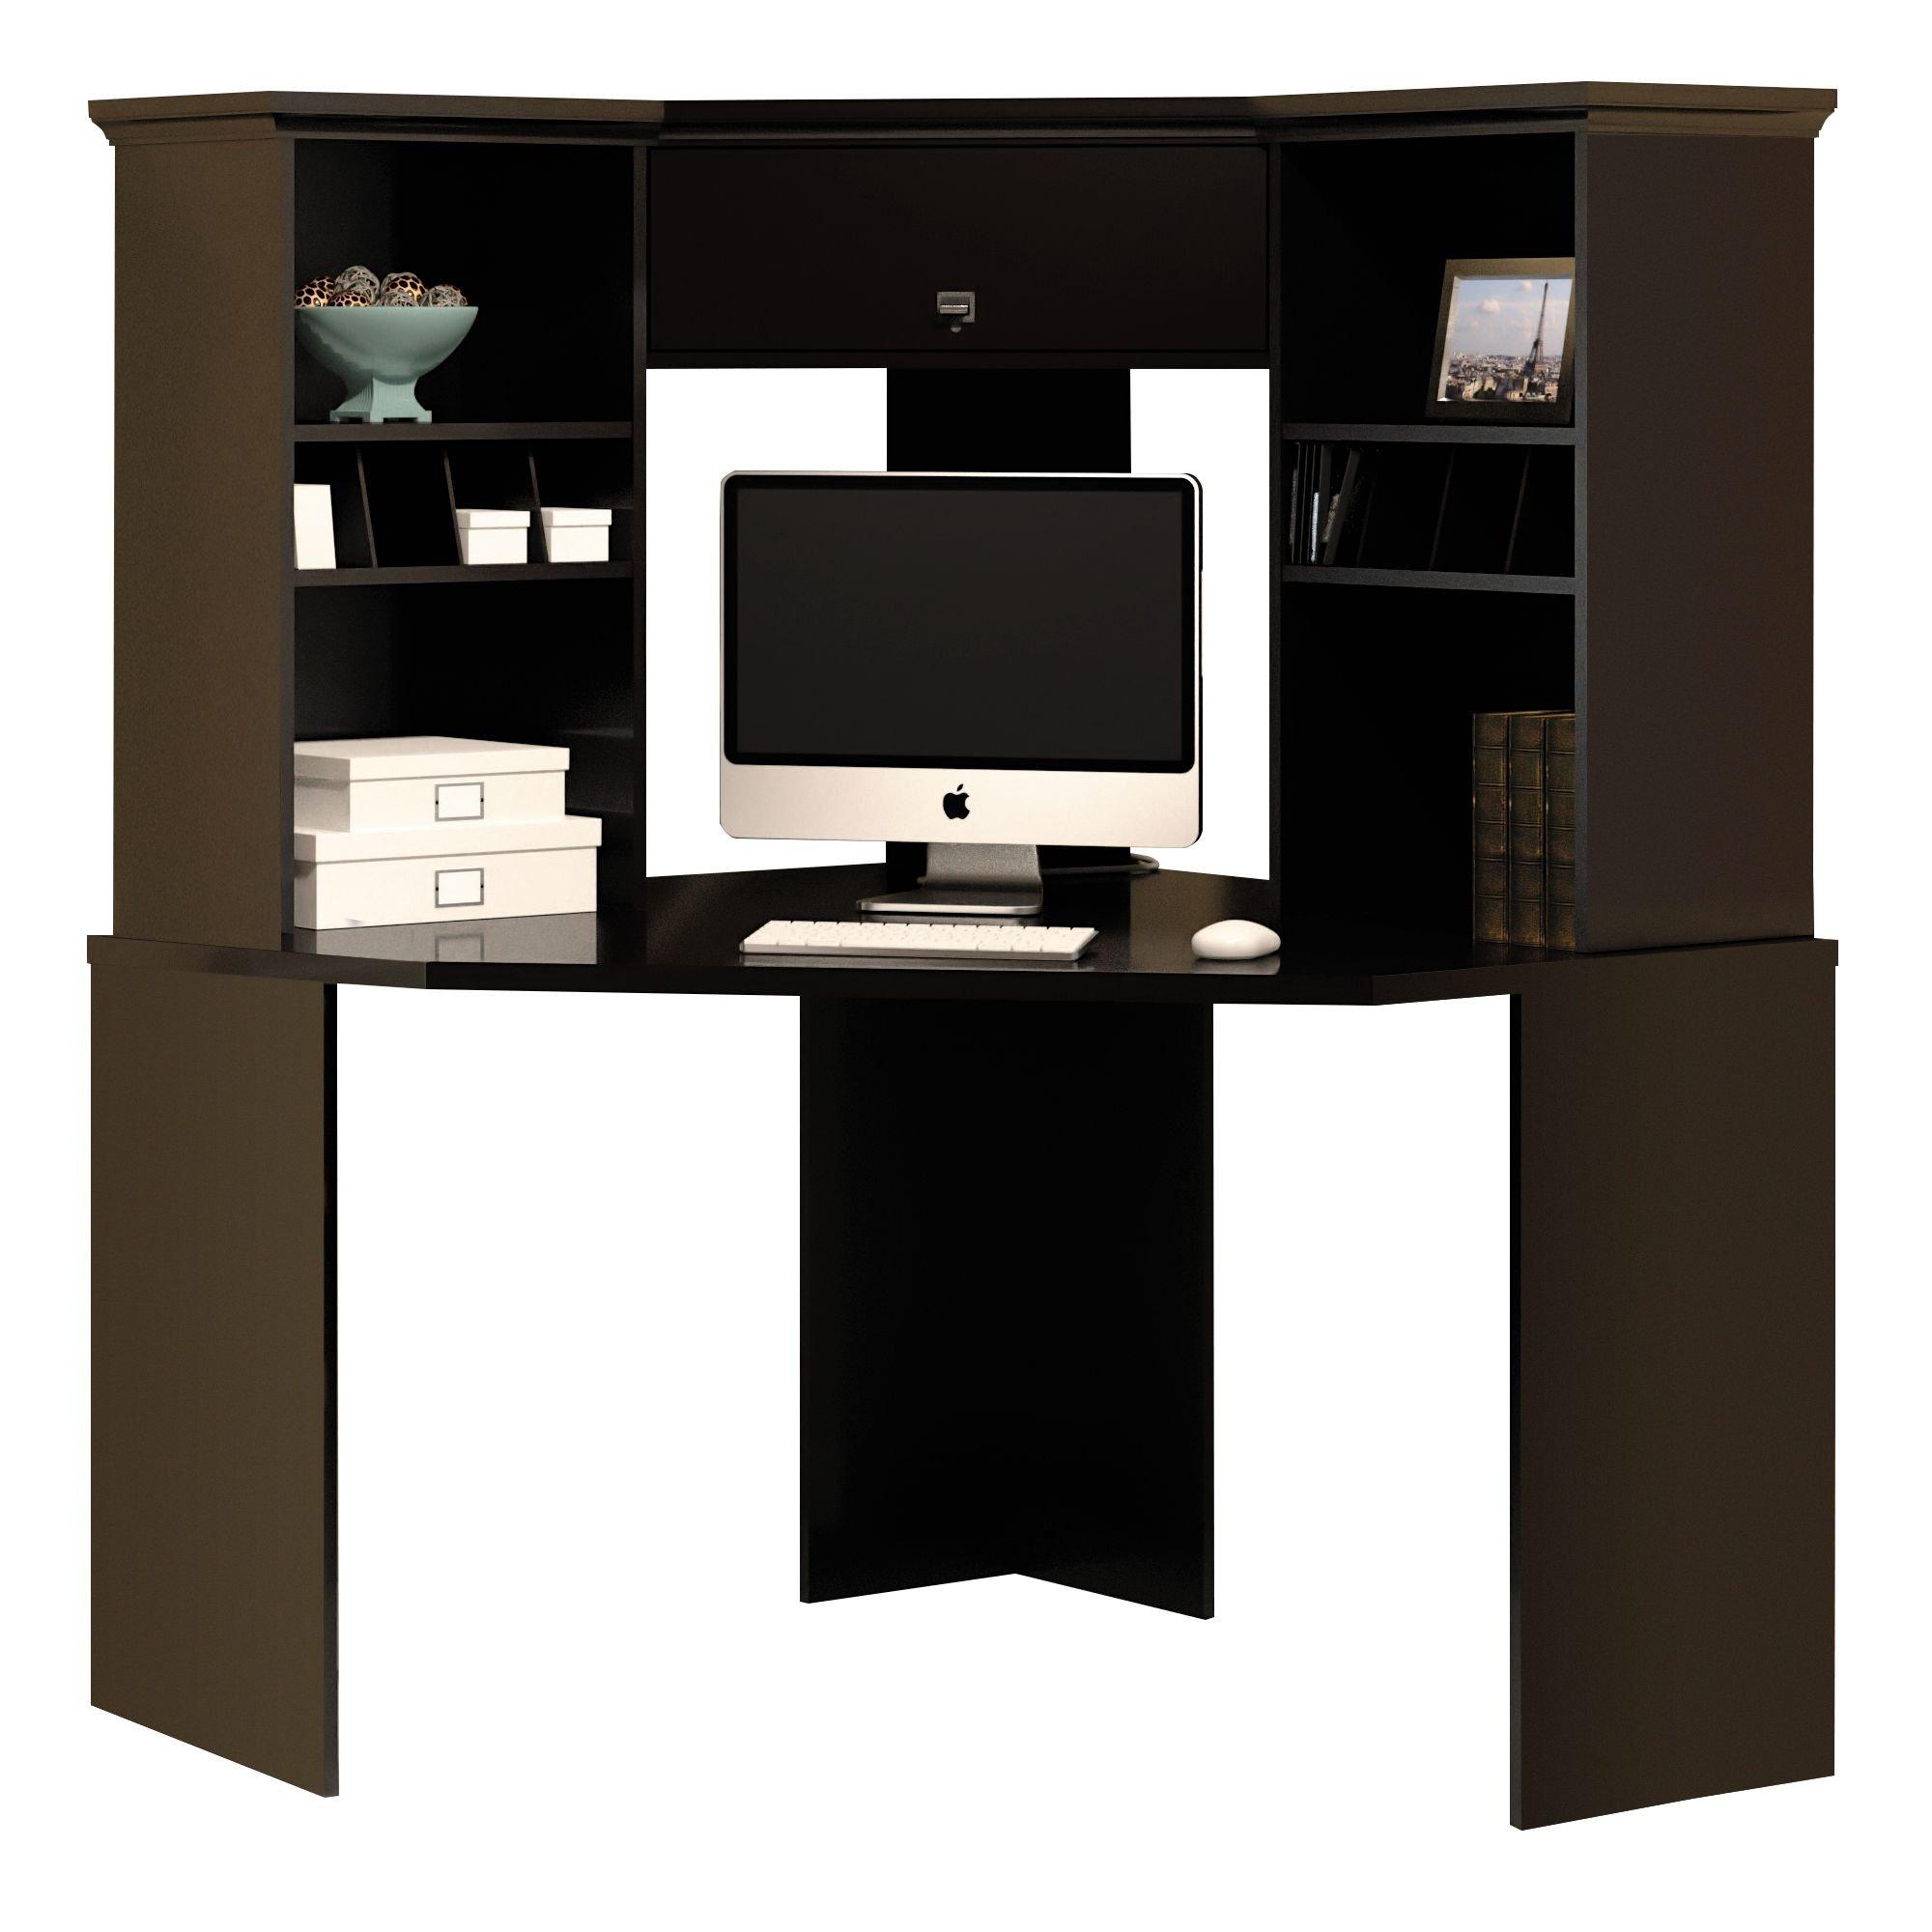 Bush Furniture Stockport Corner Desk with Hutch in Classic Black